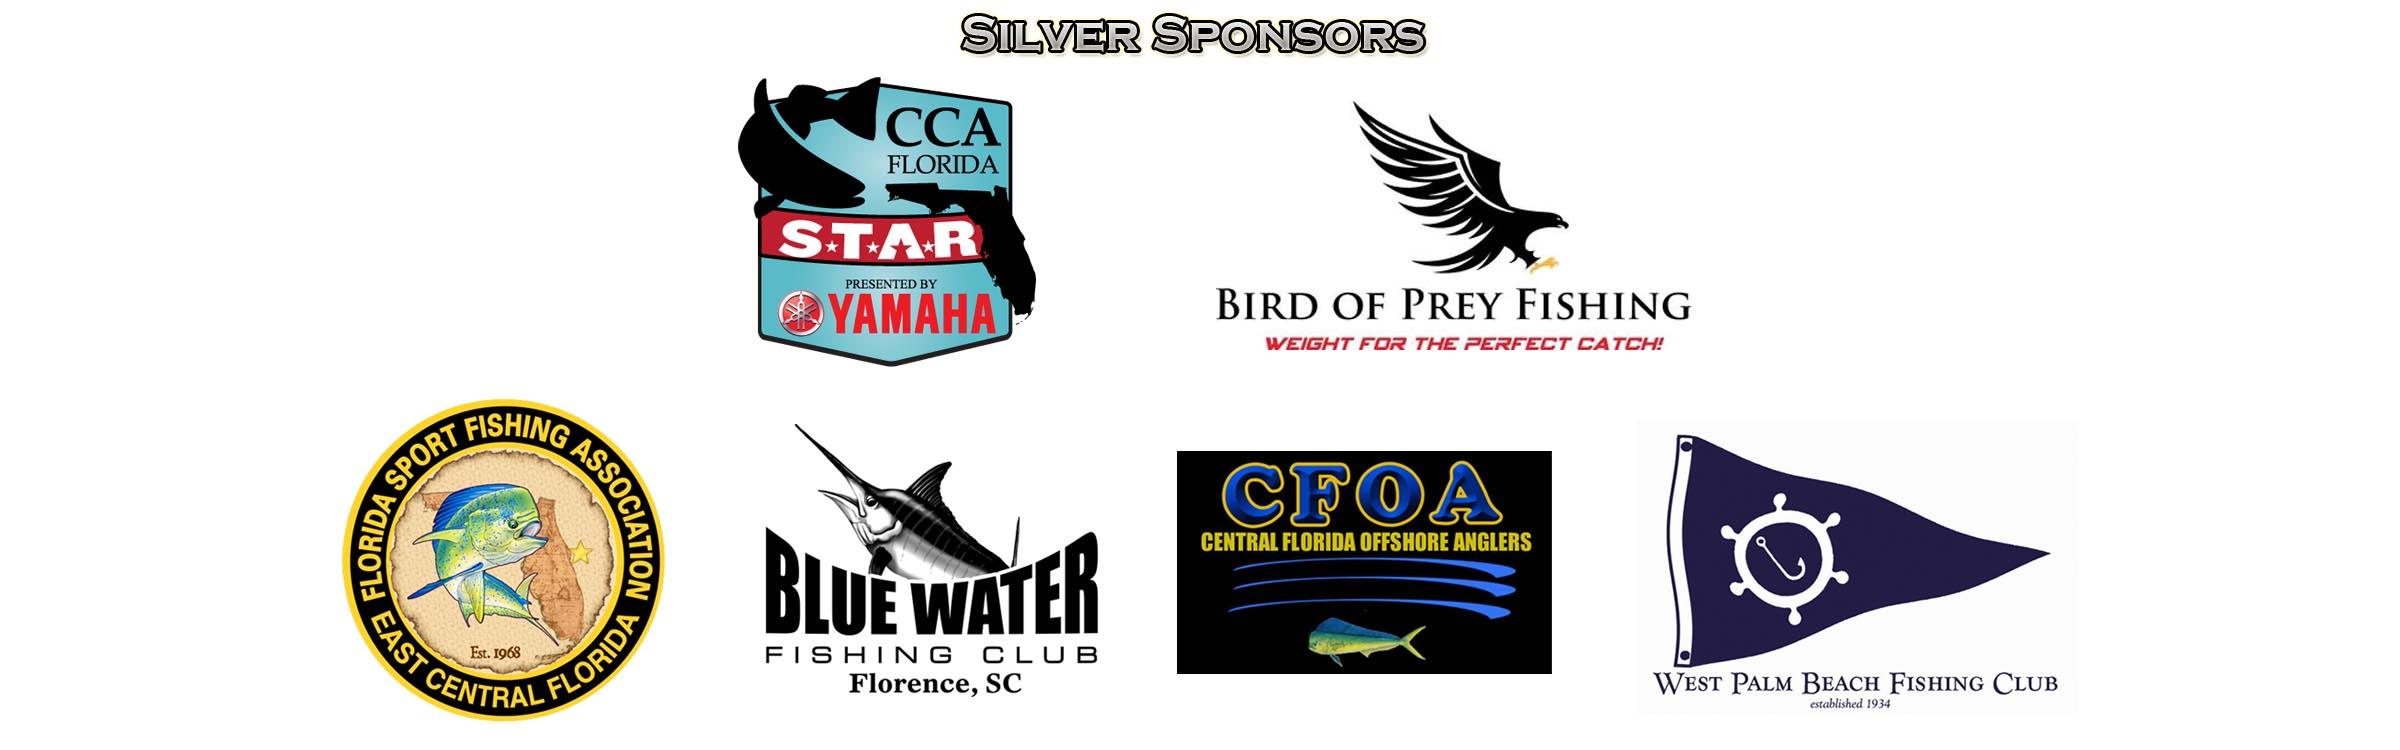 silver sponsors copy ver 3